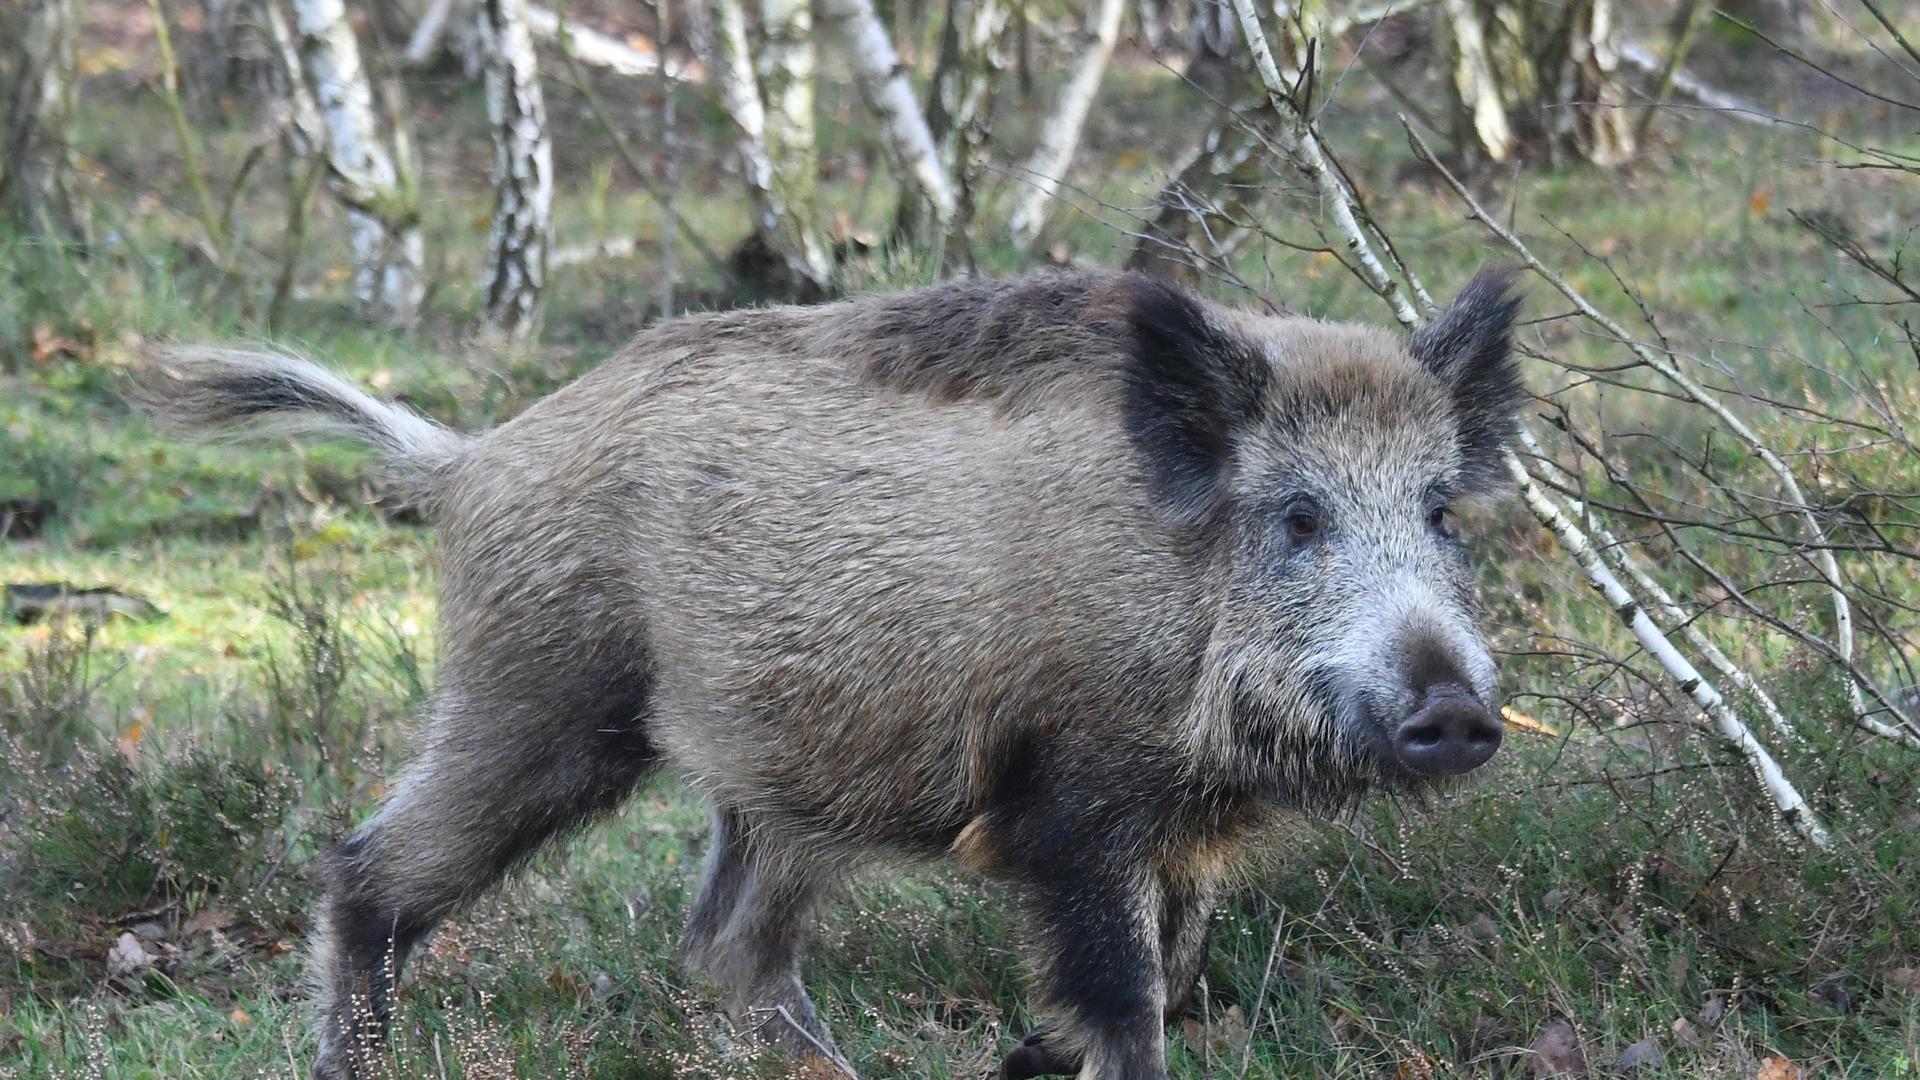 Ein Wildschwein steht in einem Wald.